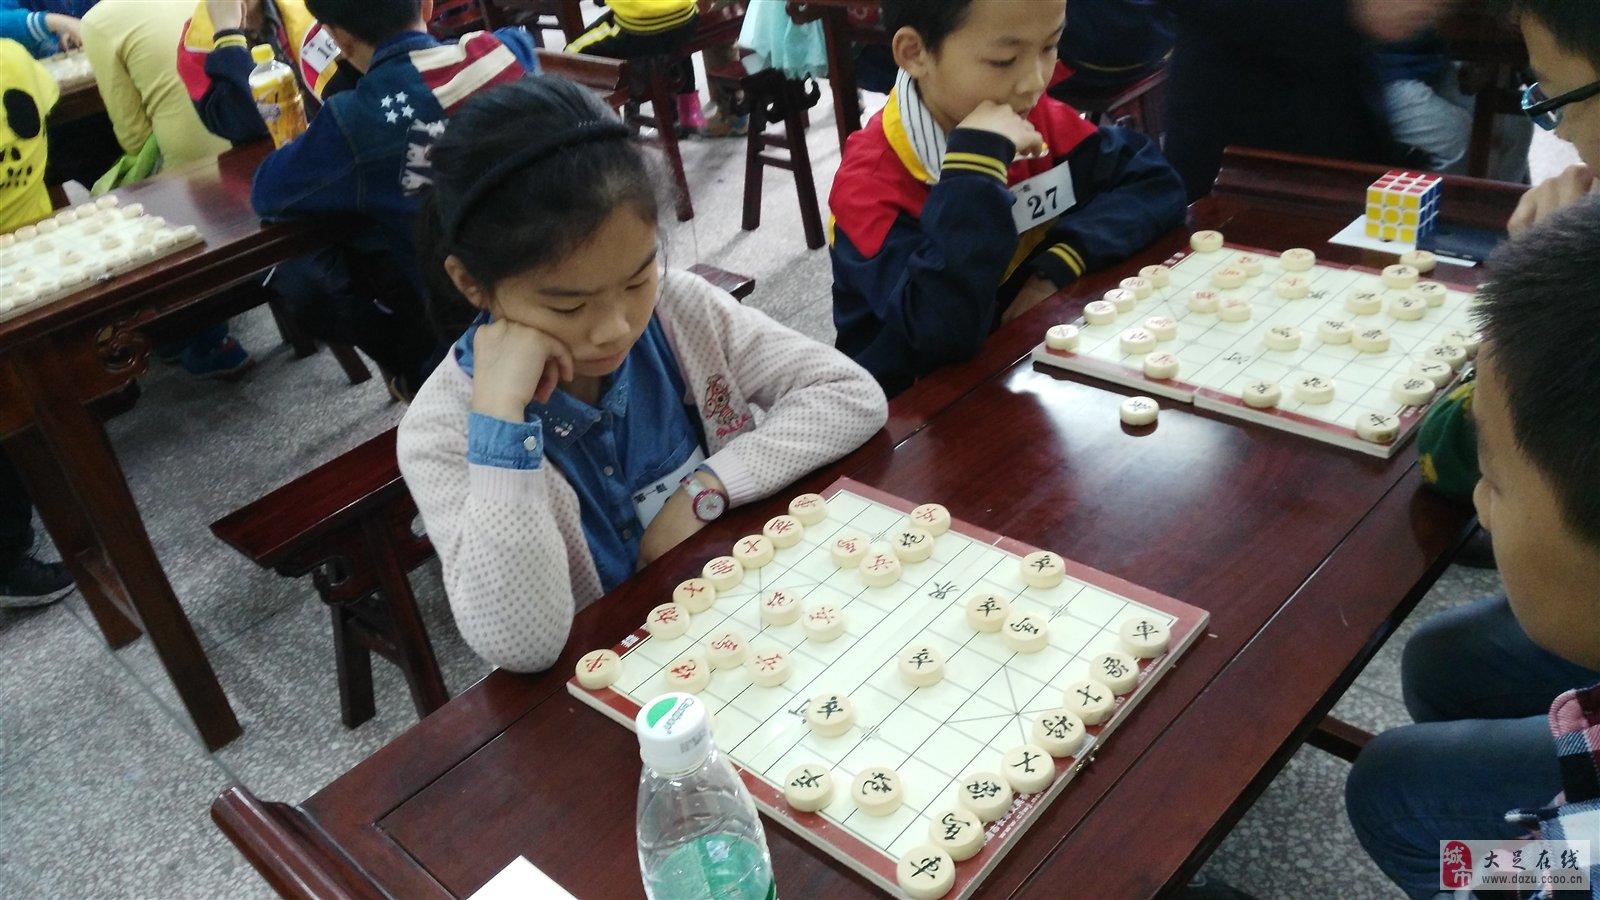 大足区第二届少年儿童象棋围棋比赛图片